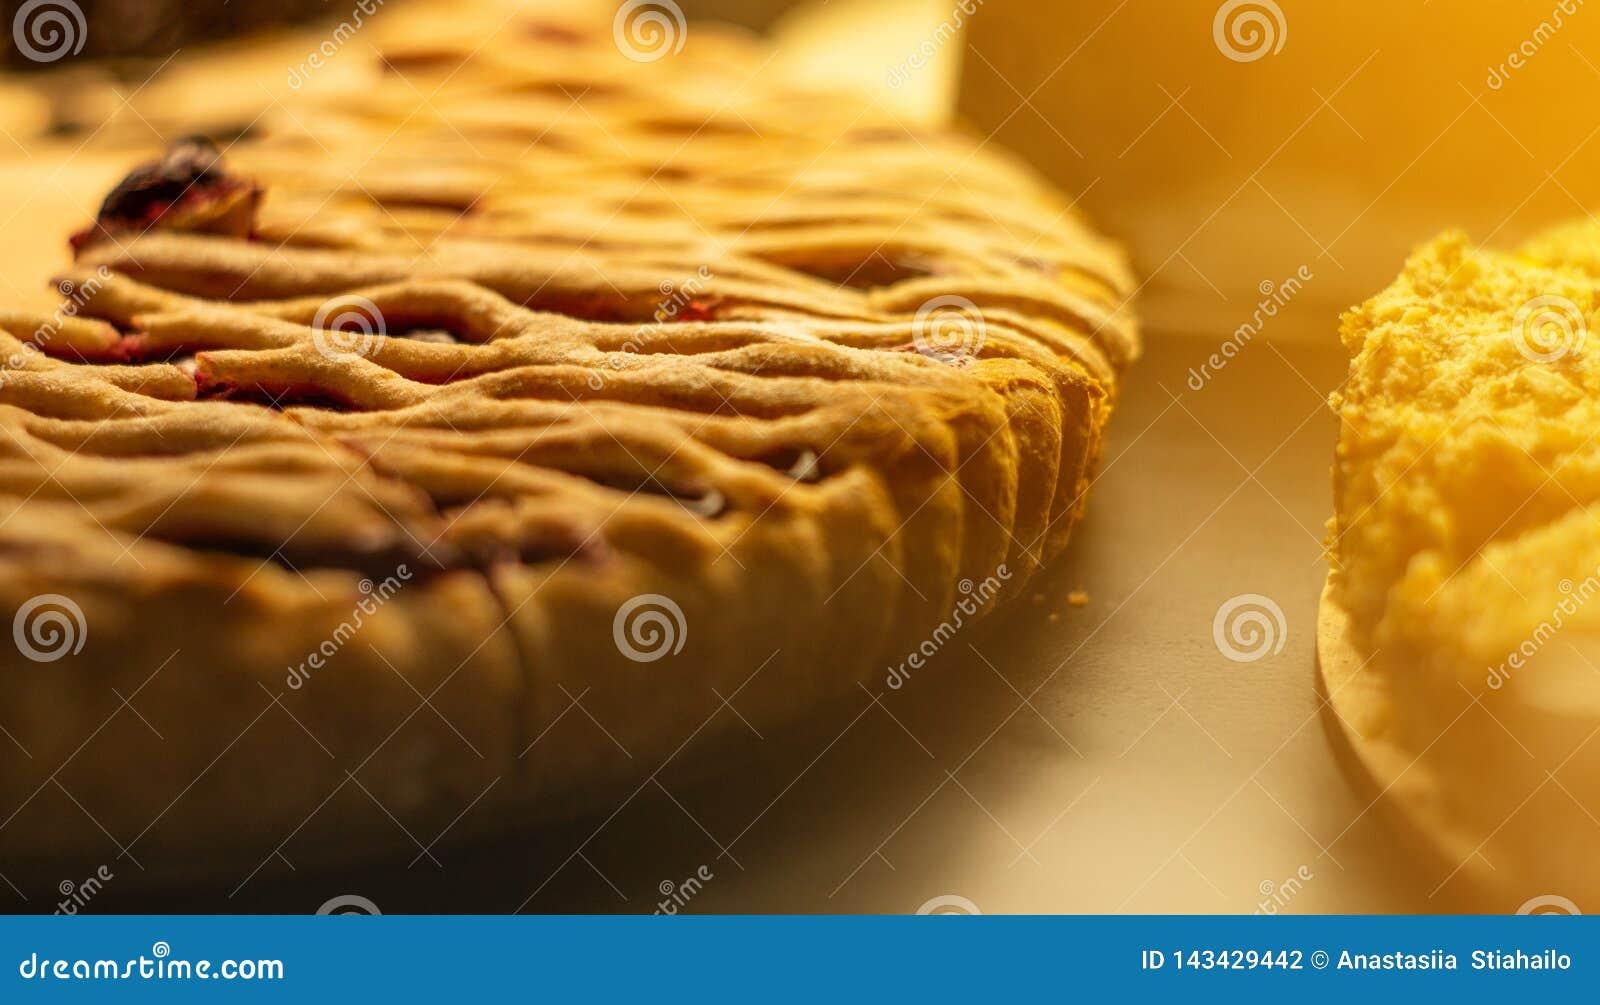 Mostra-janela de vidro na cafetaria com partes de torta saboroso do fruto Doces saborosos